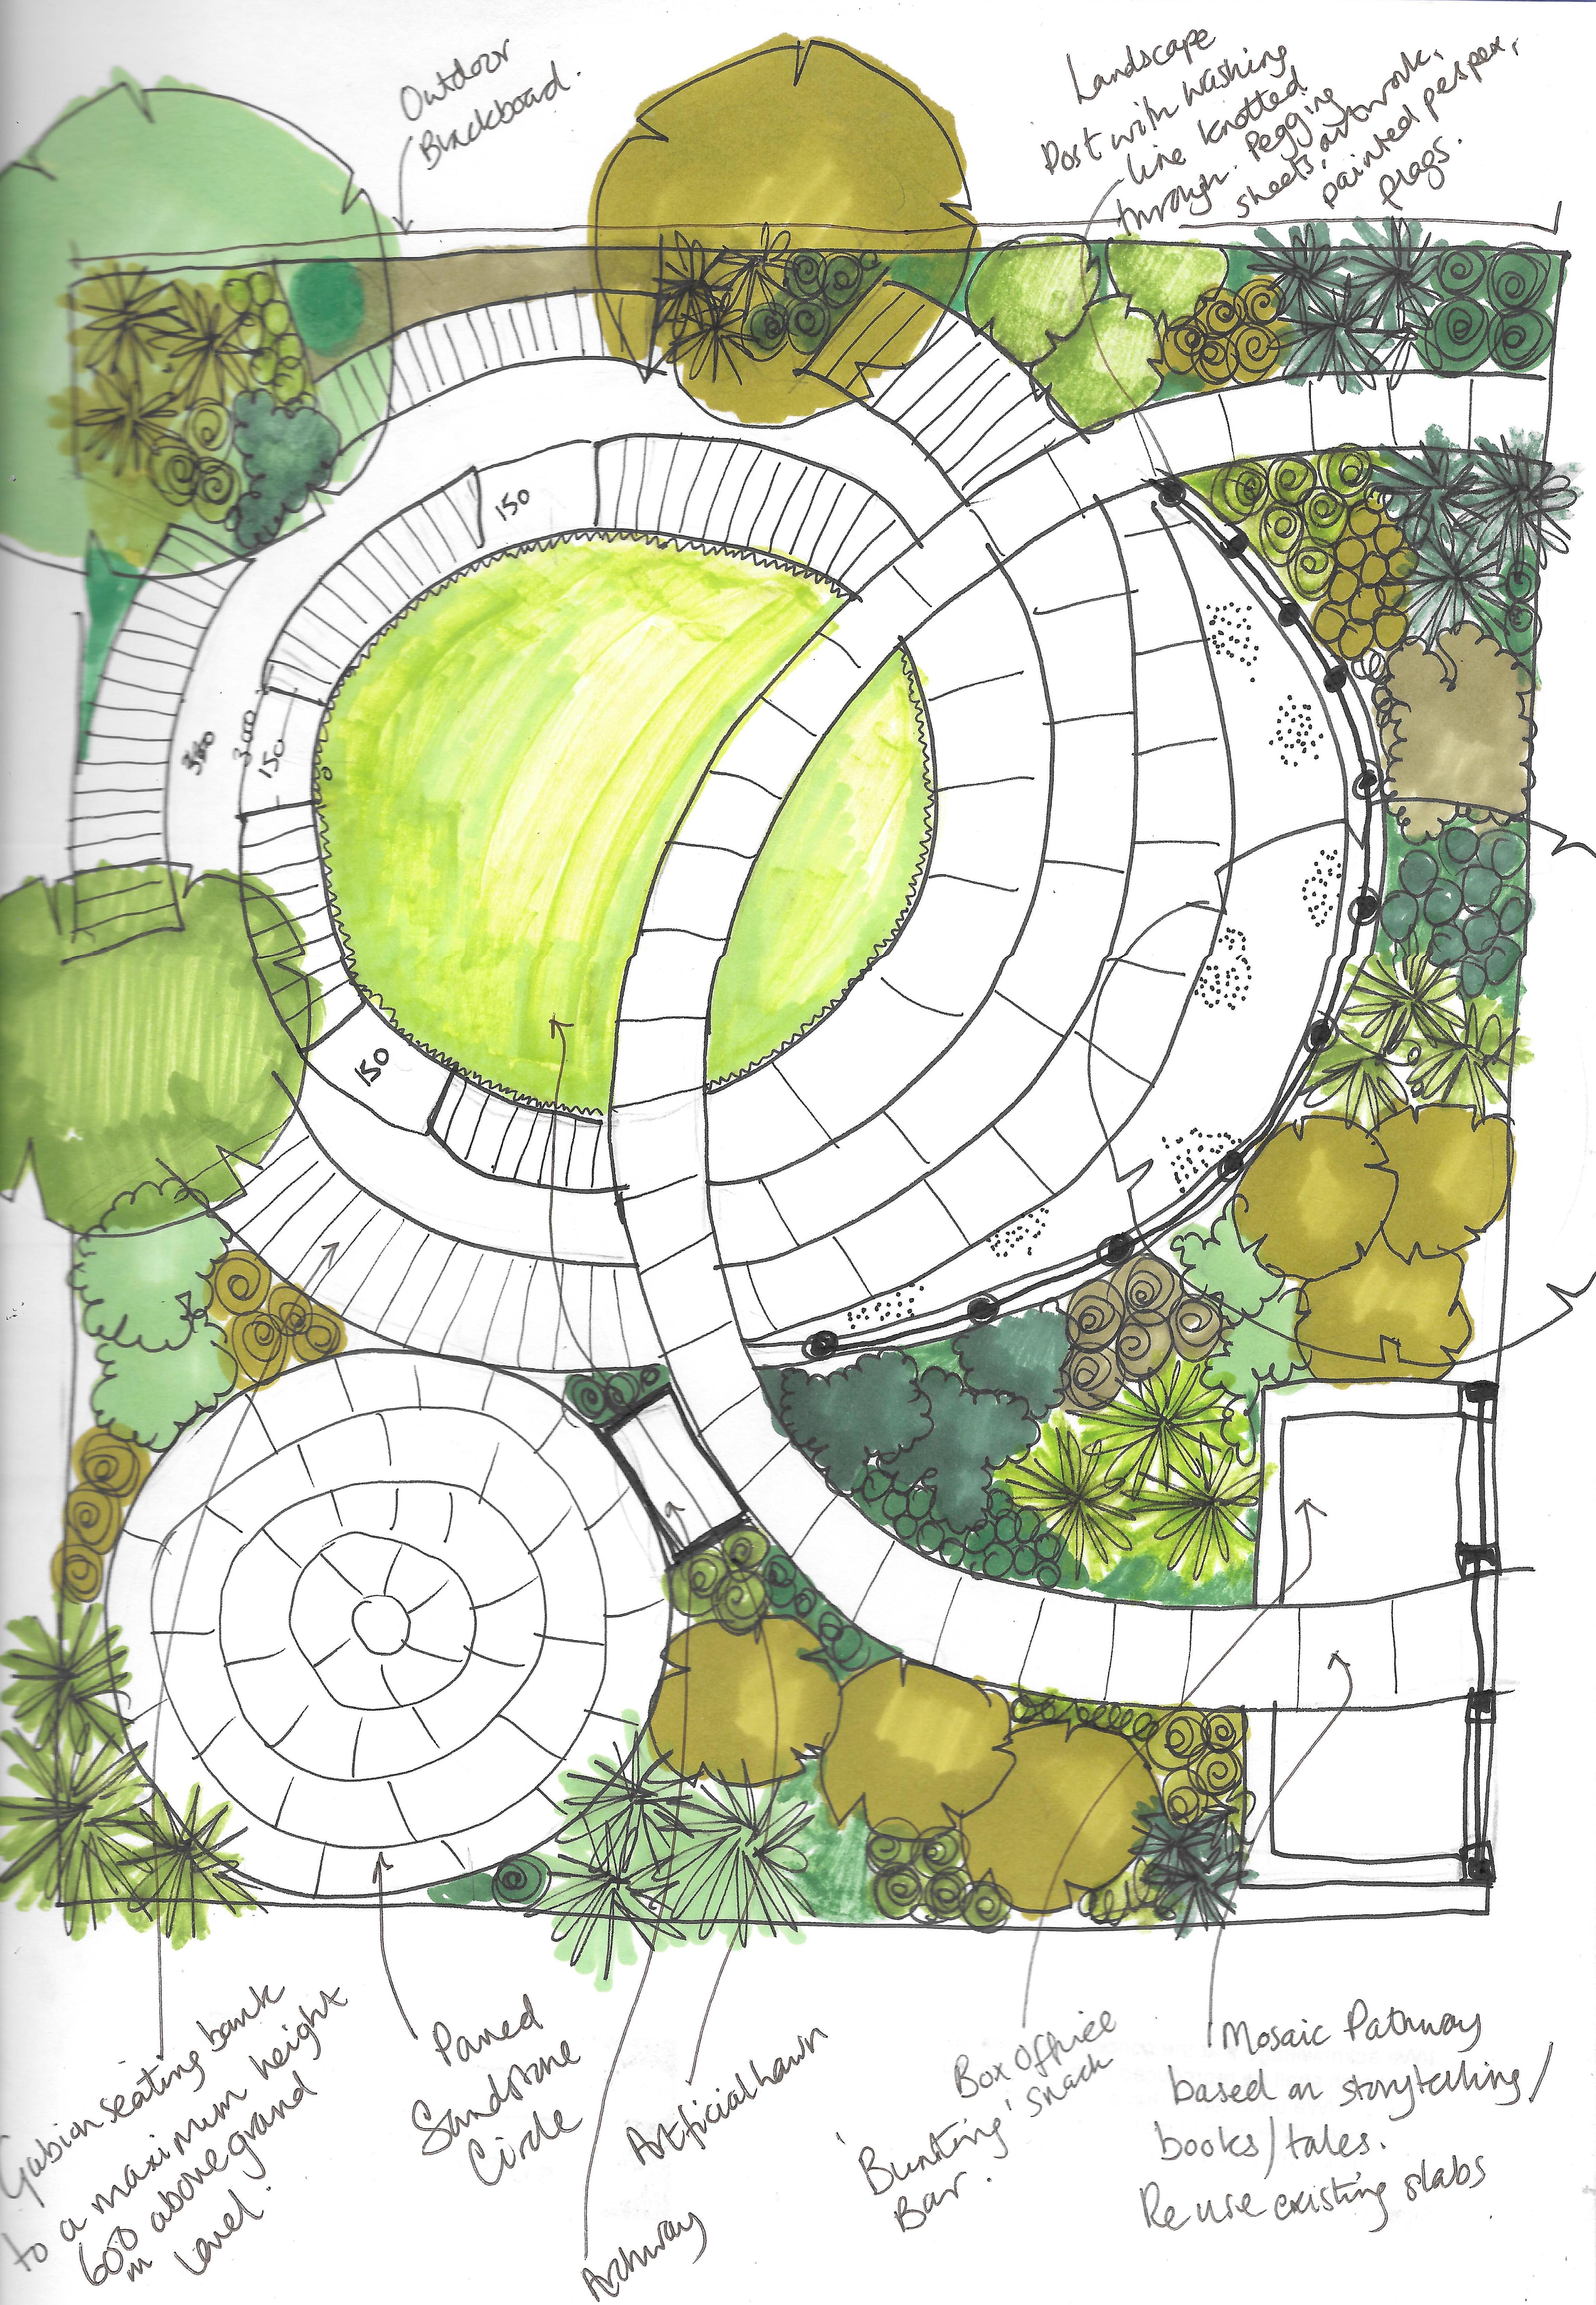 Earth Designs' sketch for school garden design